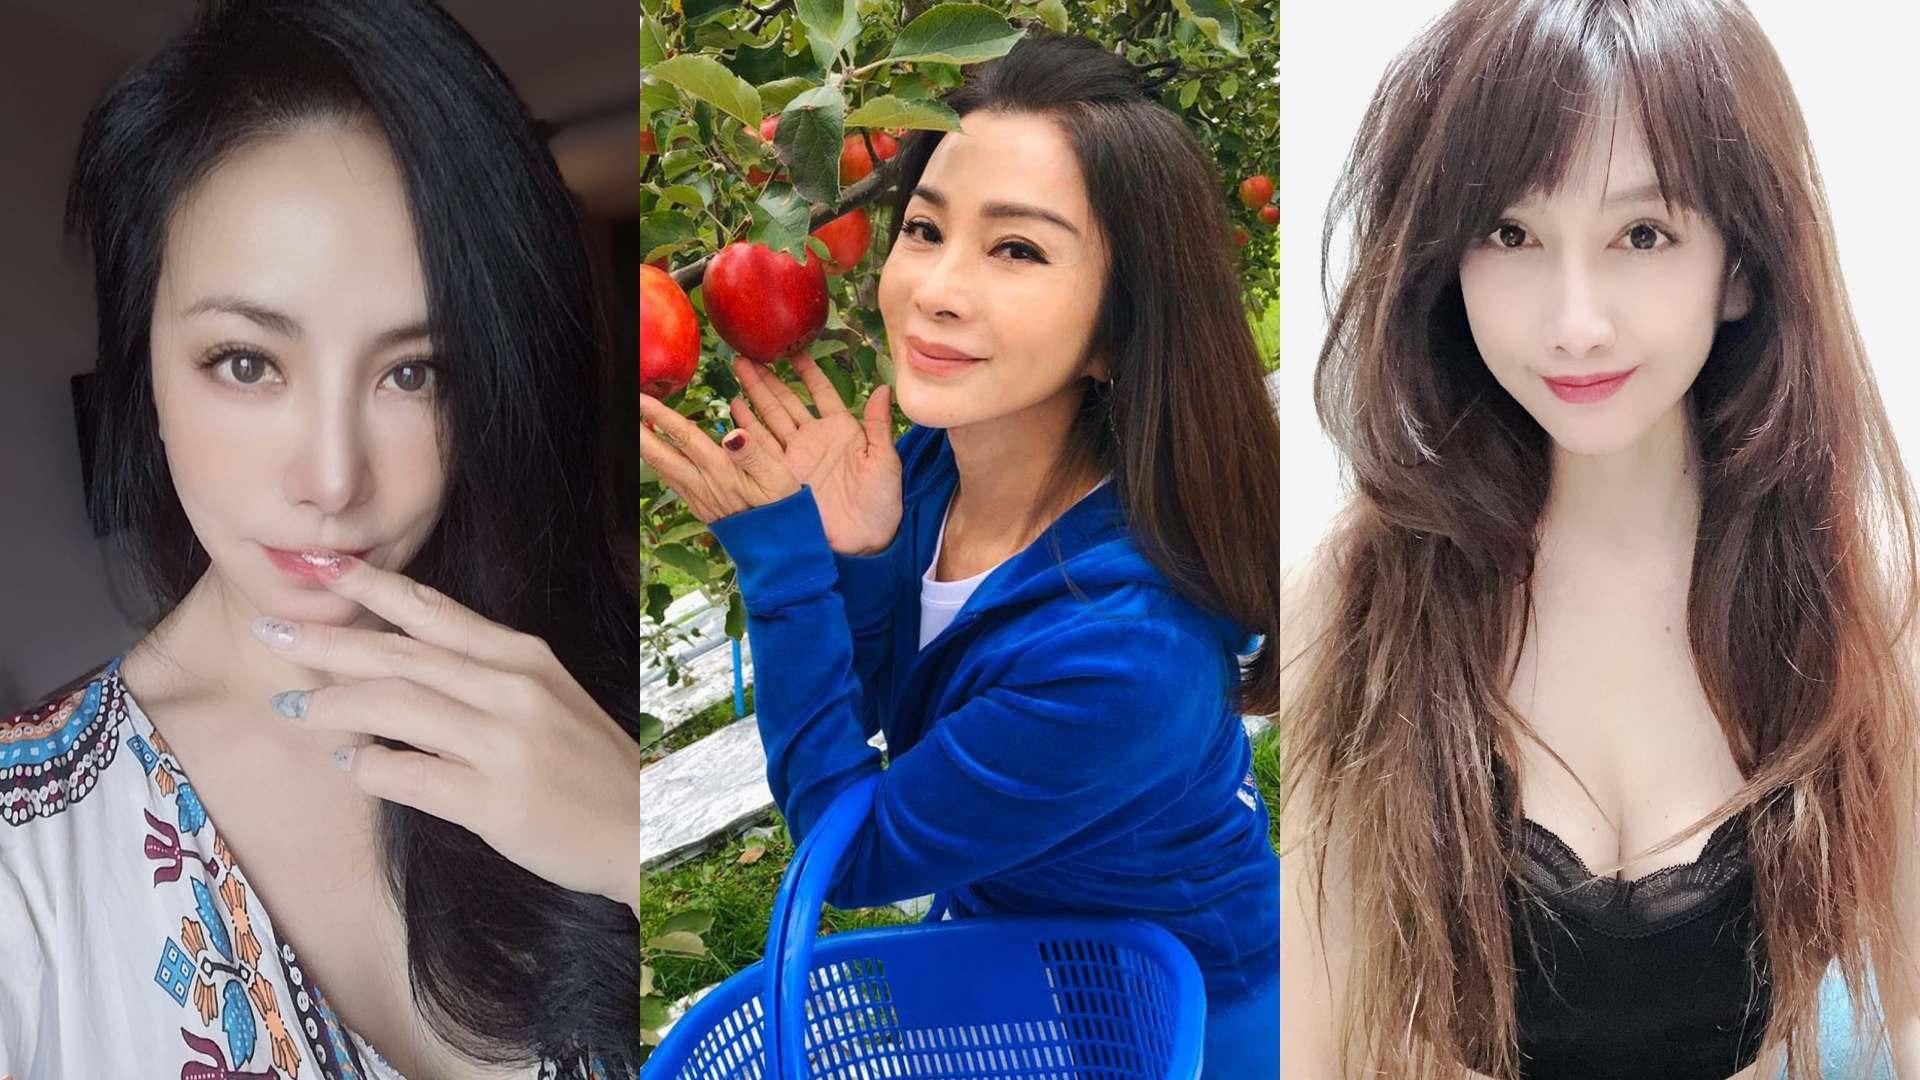 台灣三大美魔女,哪一位你最佩服呢?